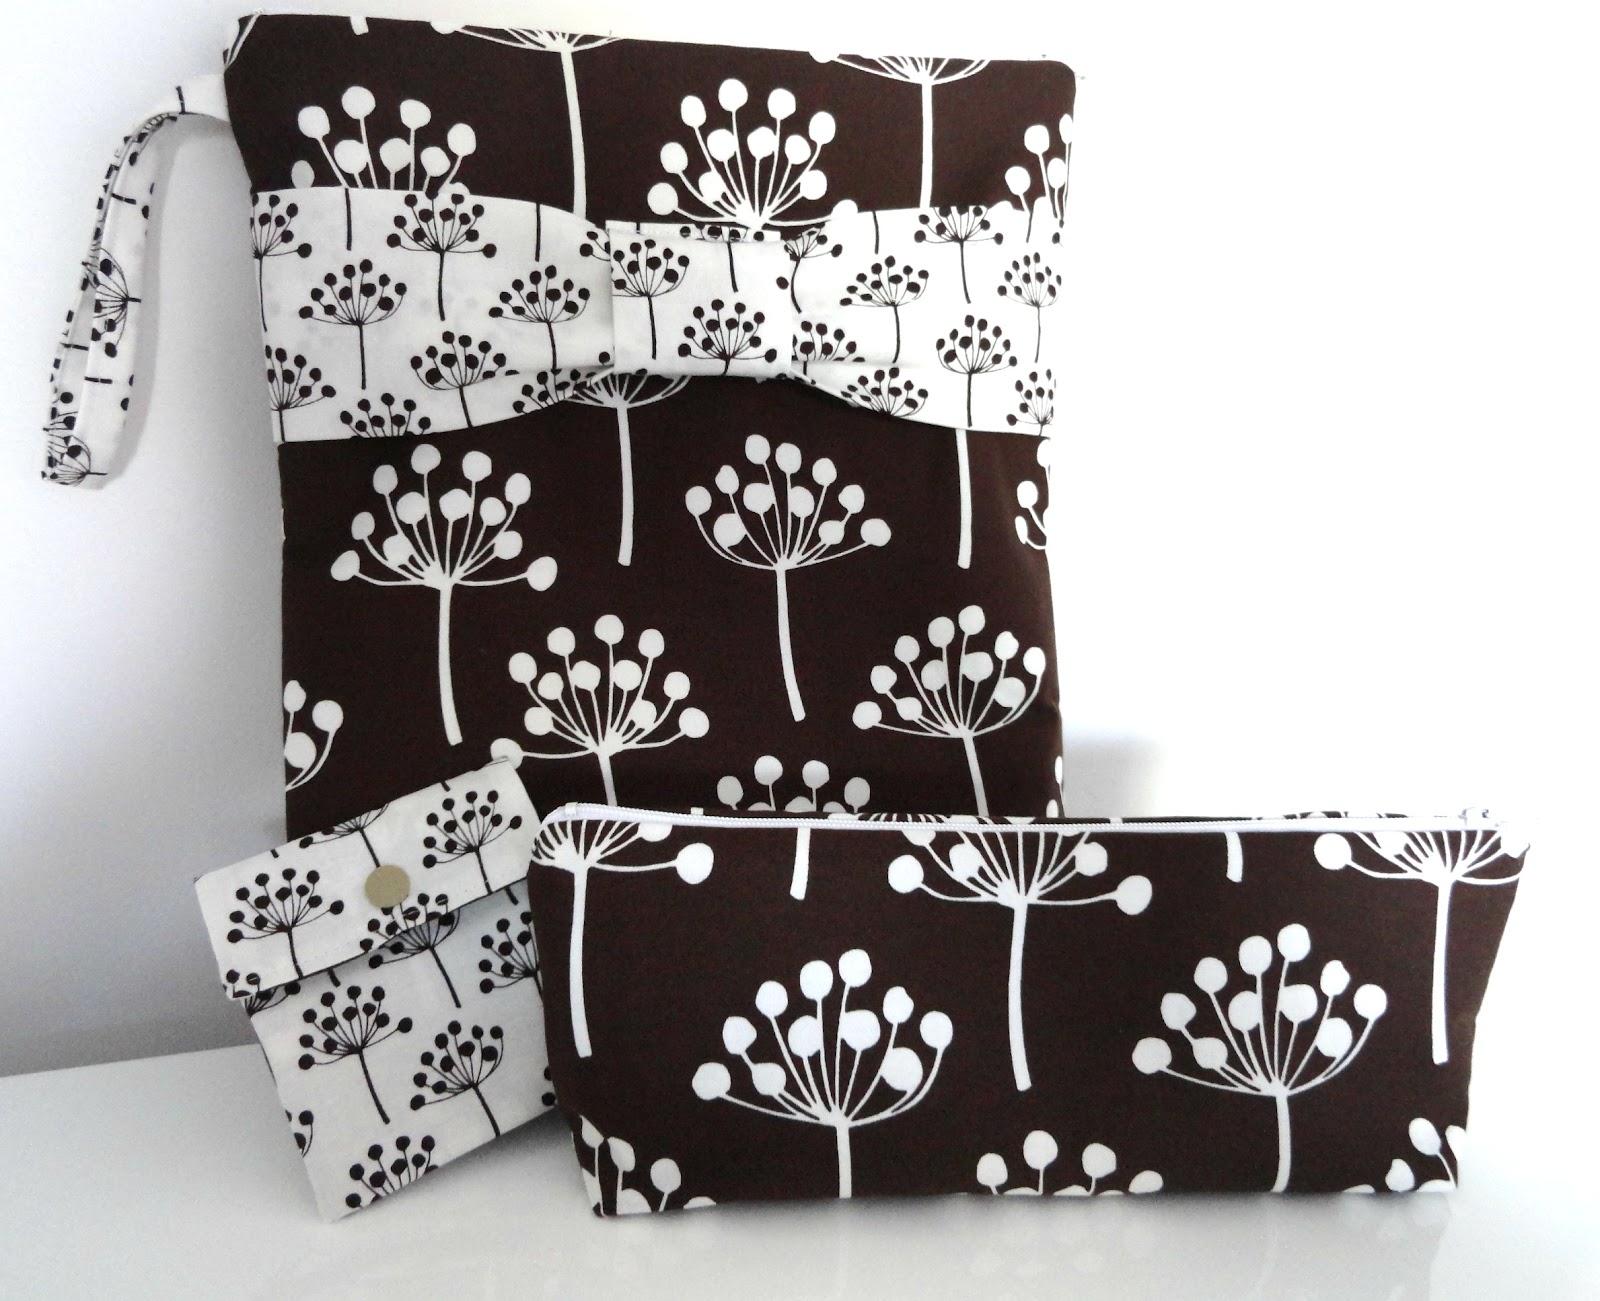 libertylle pochettes aux ombelles inspiration art nouveau. Black Bedroom Furniture Sets. Home Design Ideas